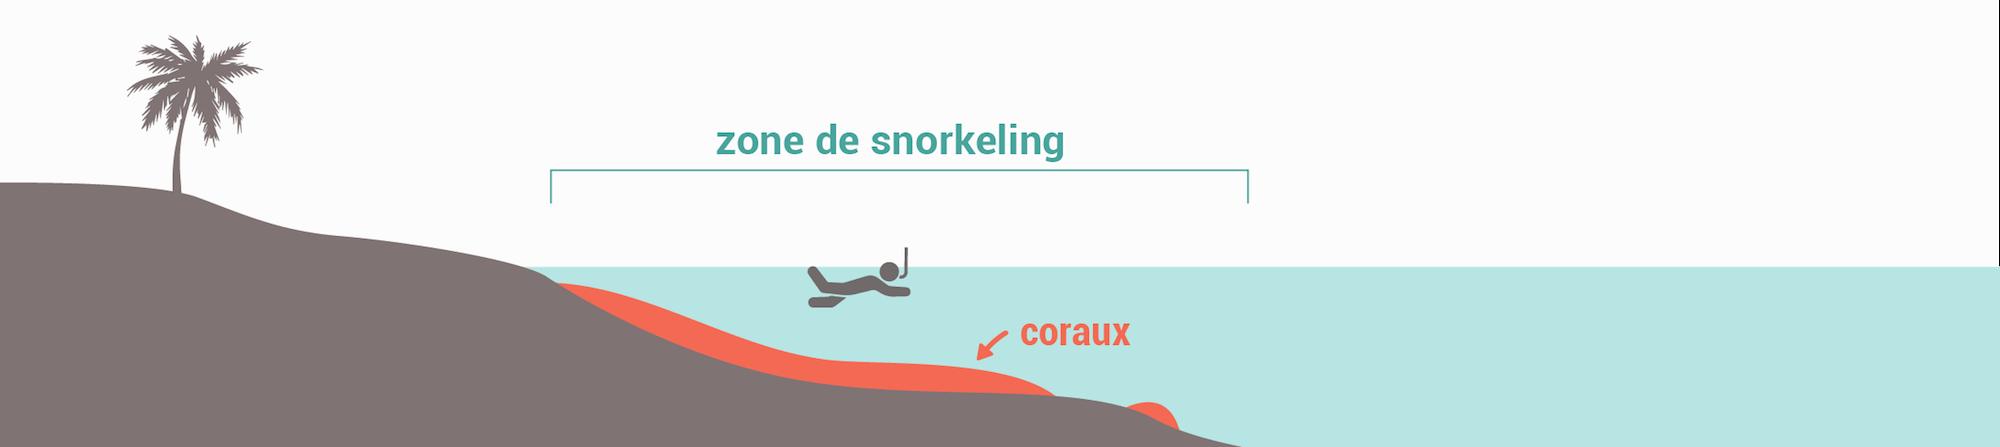 Les types de spots de snorkeling - Récif frangeant étroit